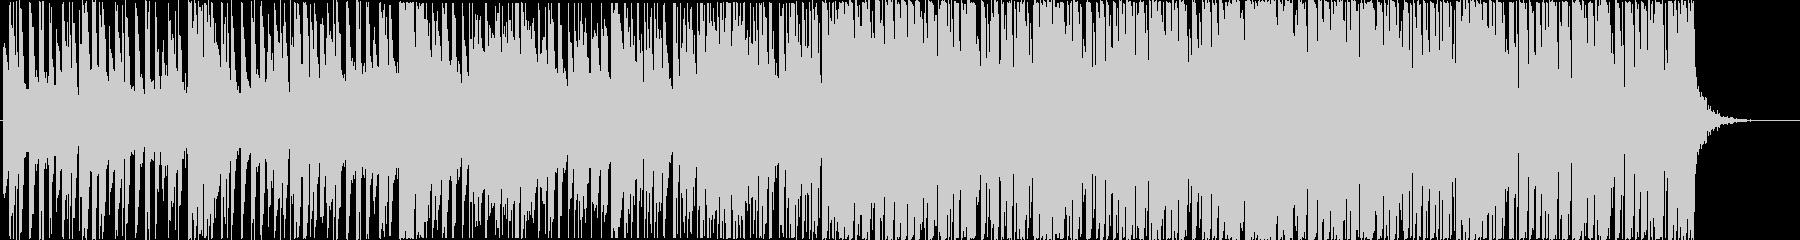 リズミカルなトロピカルハウスBGMの未再生の波形